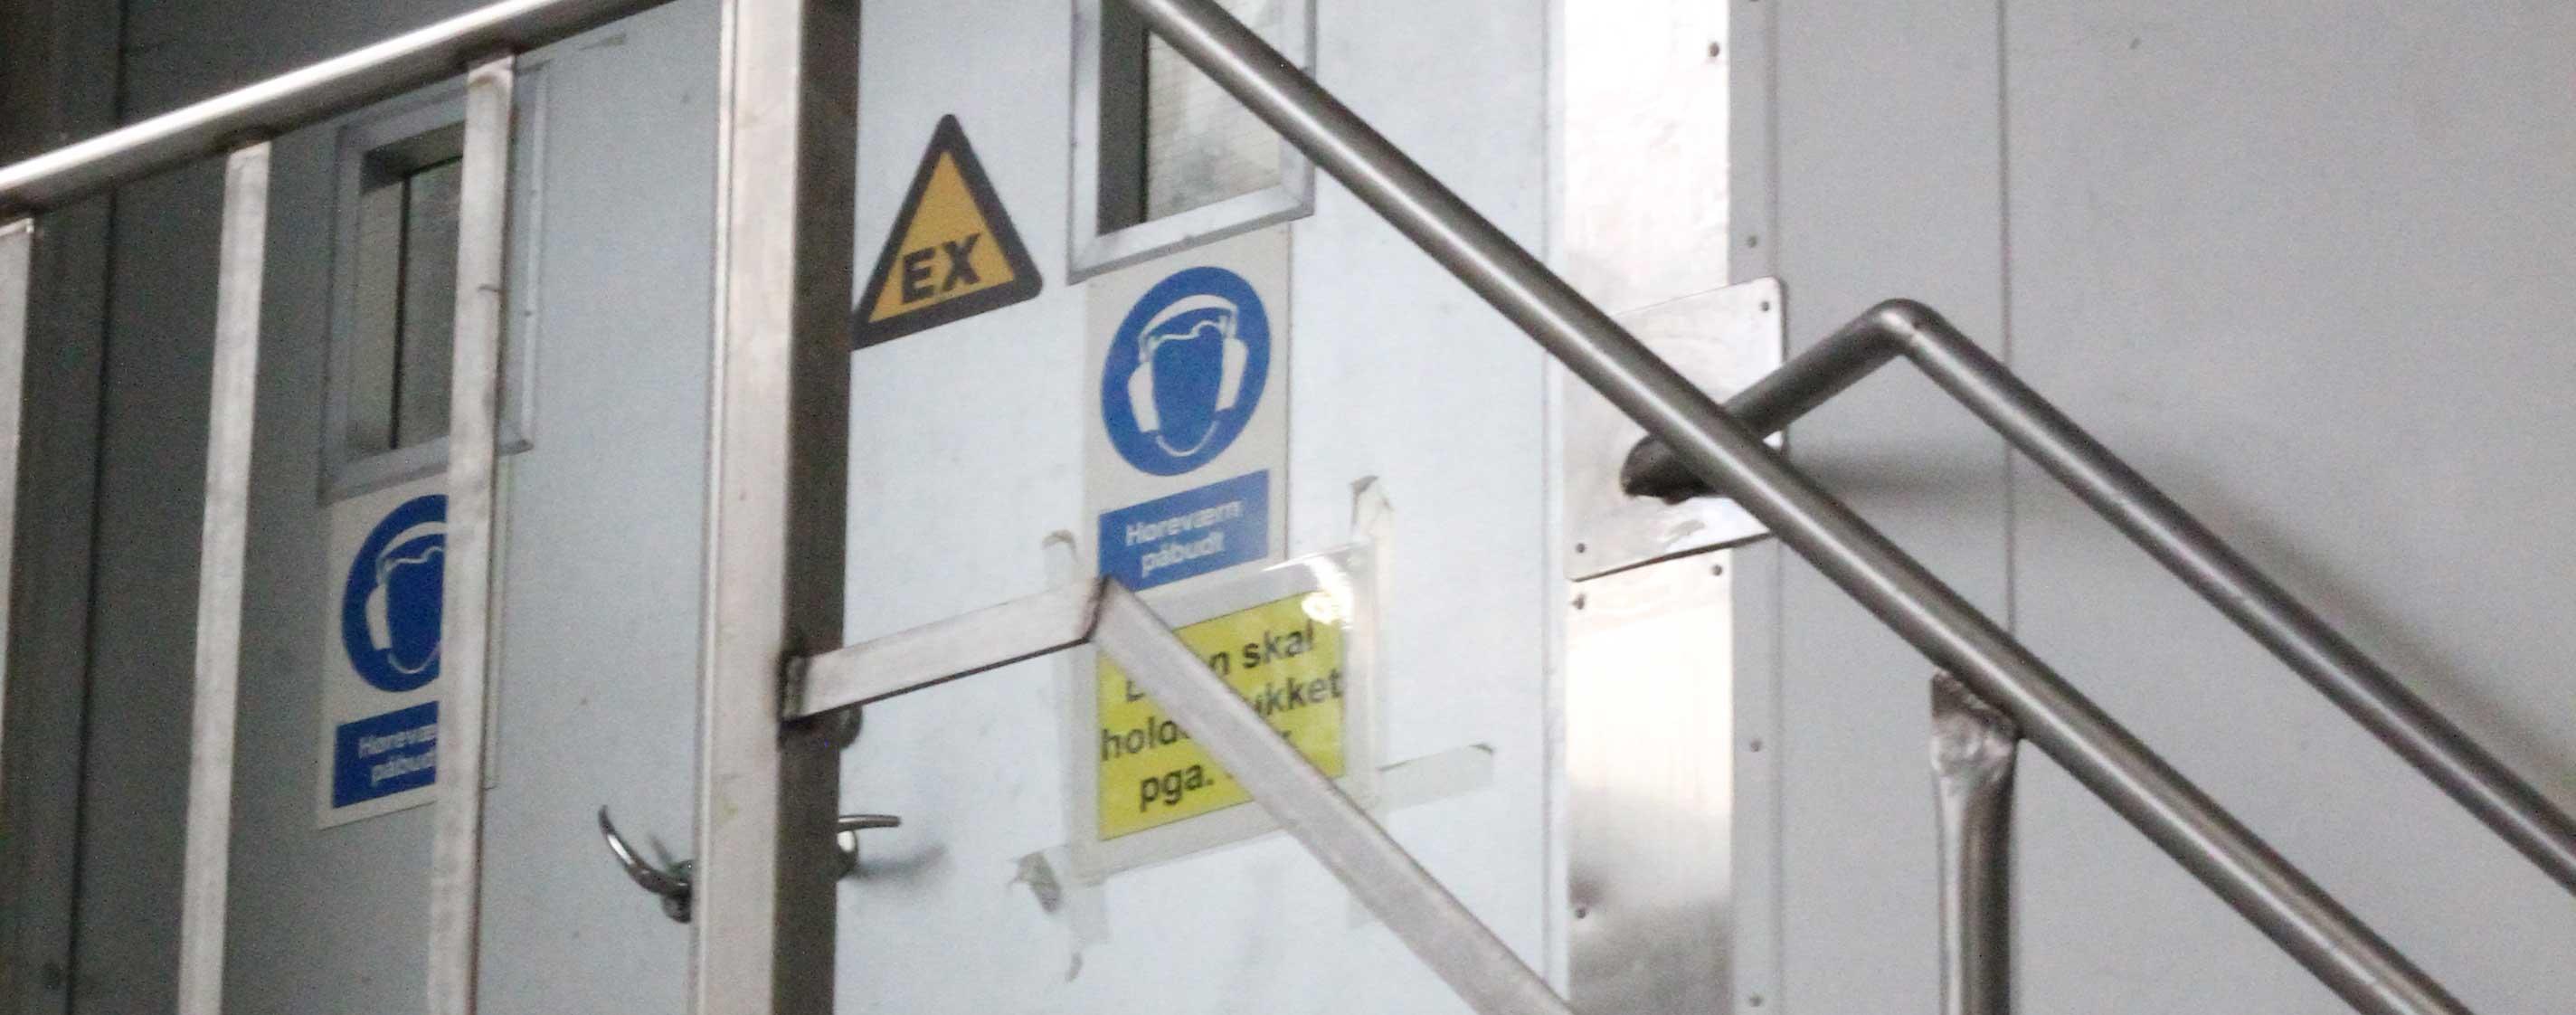 Kurser i ATEX og sikkerhed | Maskinsikkerhed